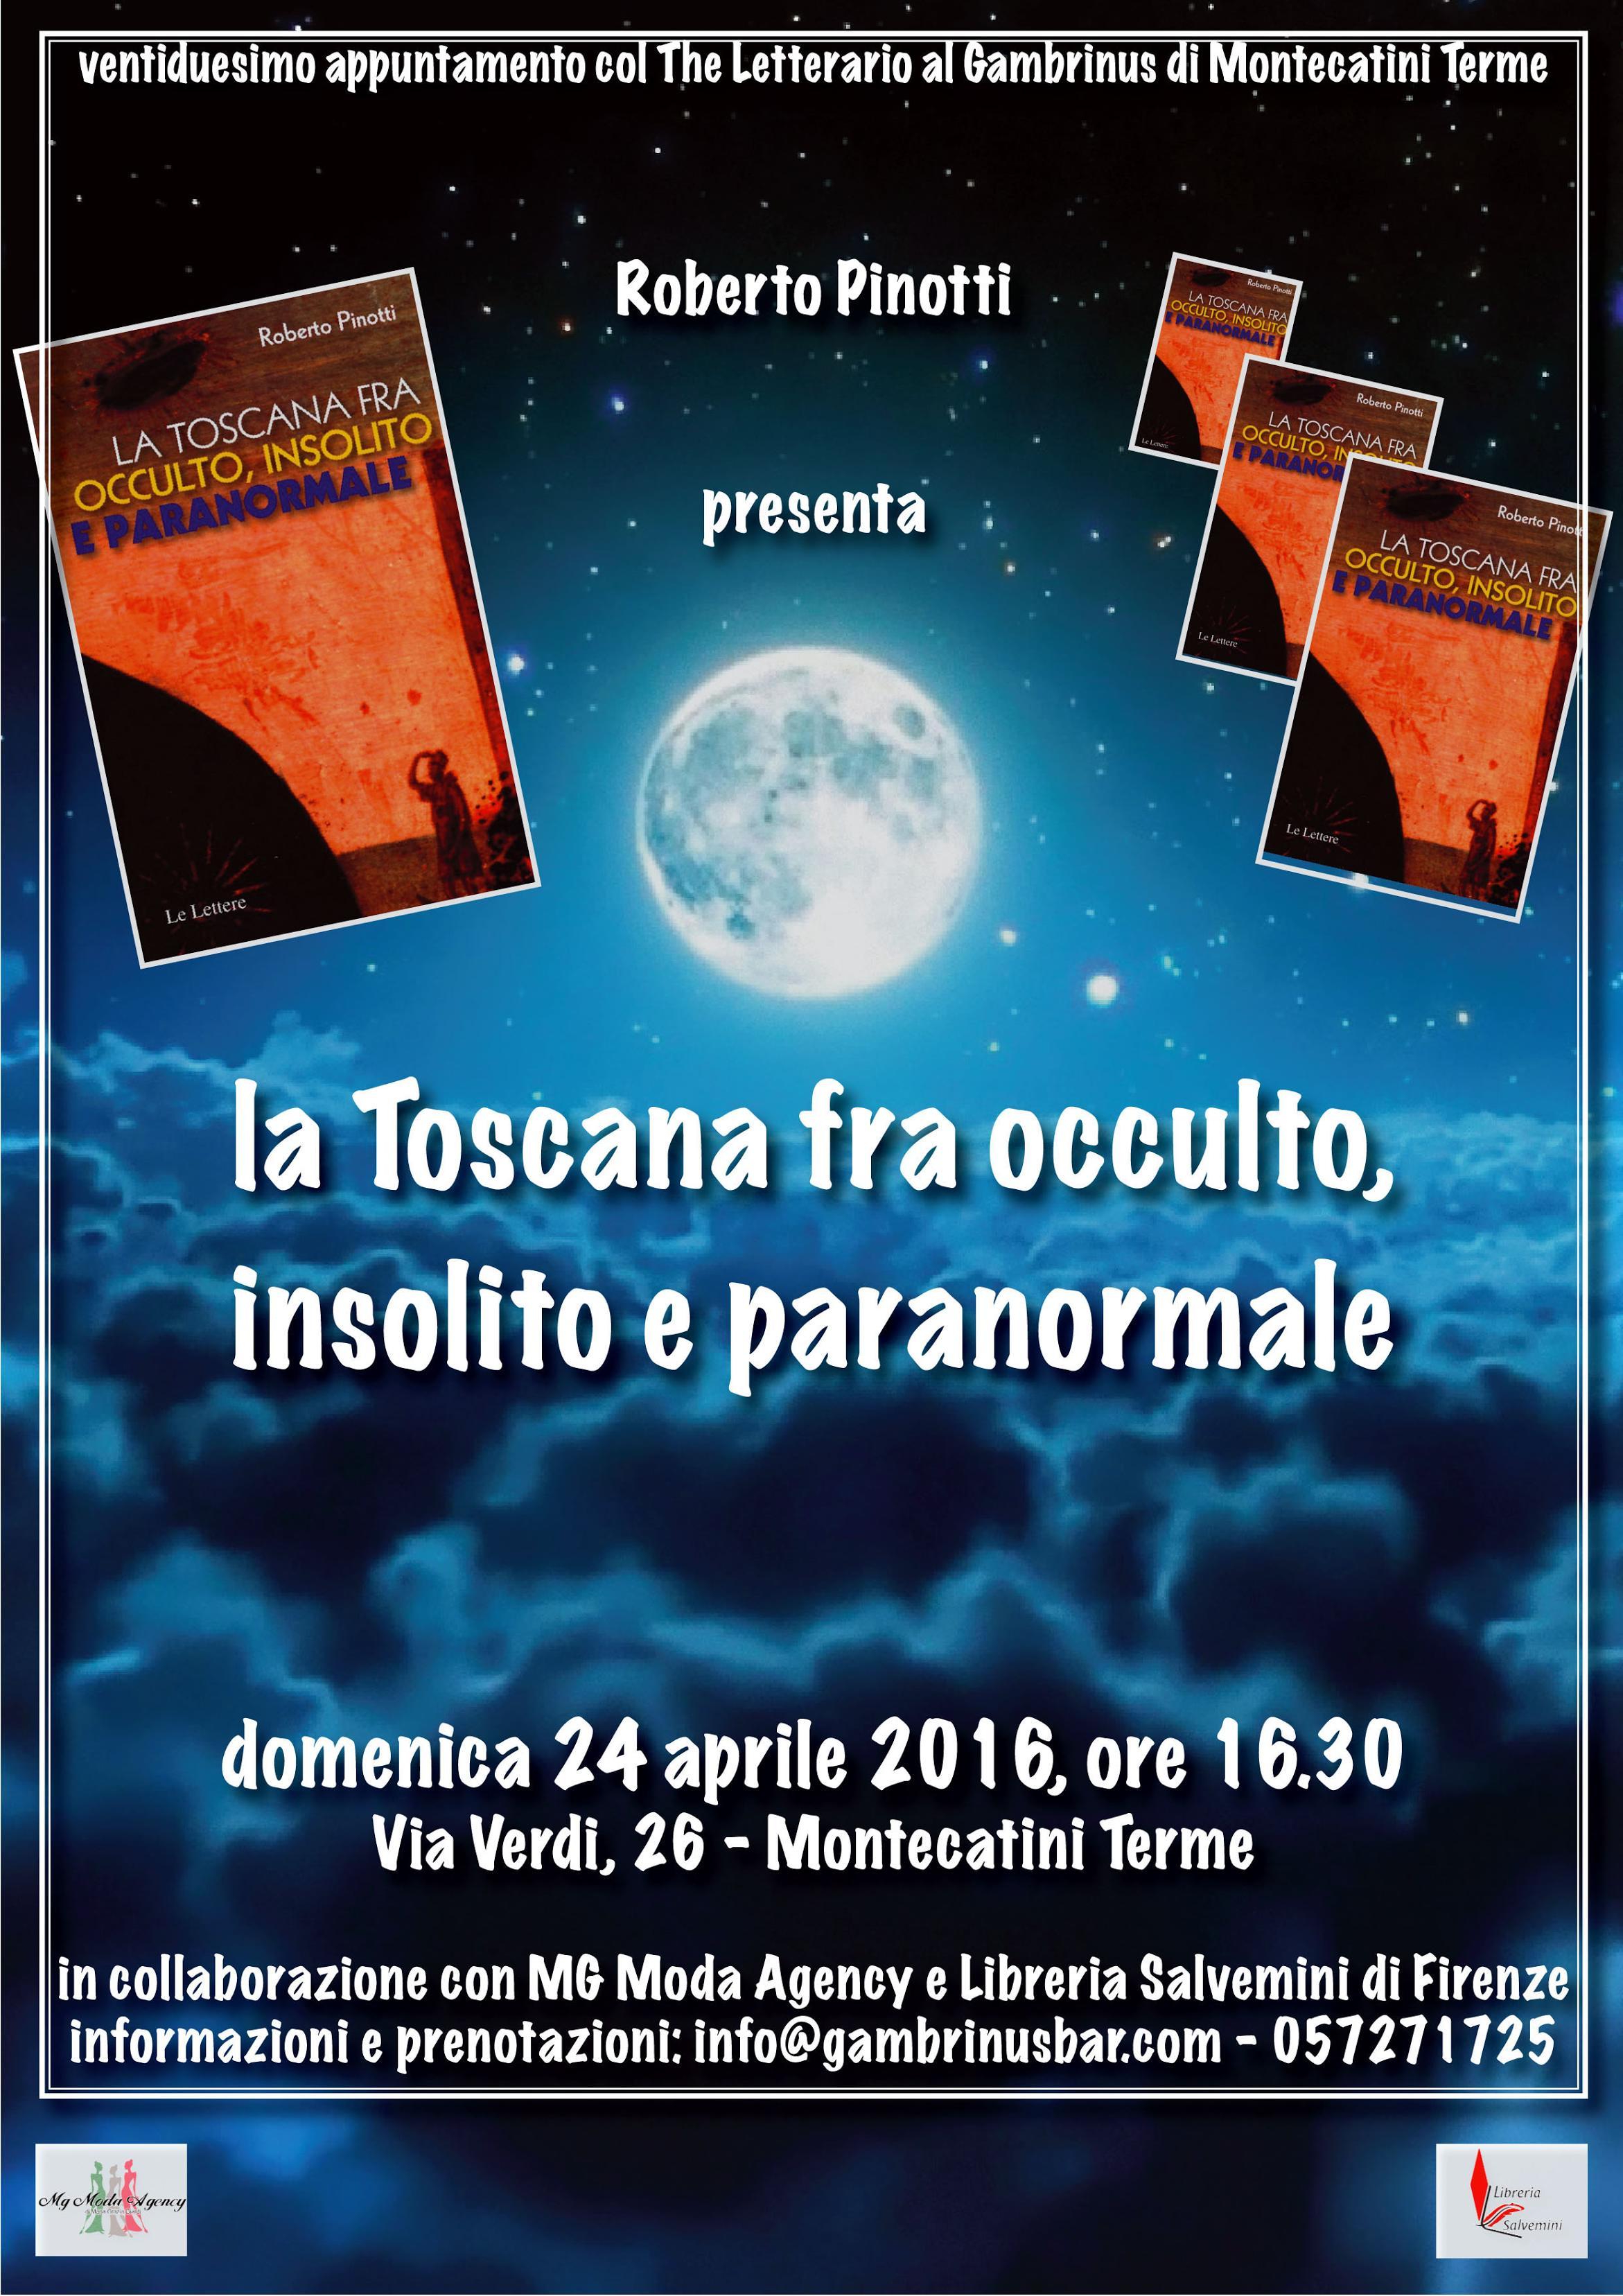 Conferenze CUN Presentazione libri e incontro con Roberto Pinotti il 23 aprile presso la libreria il Forte a Forte dei Marmi e il